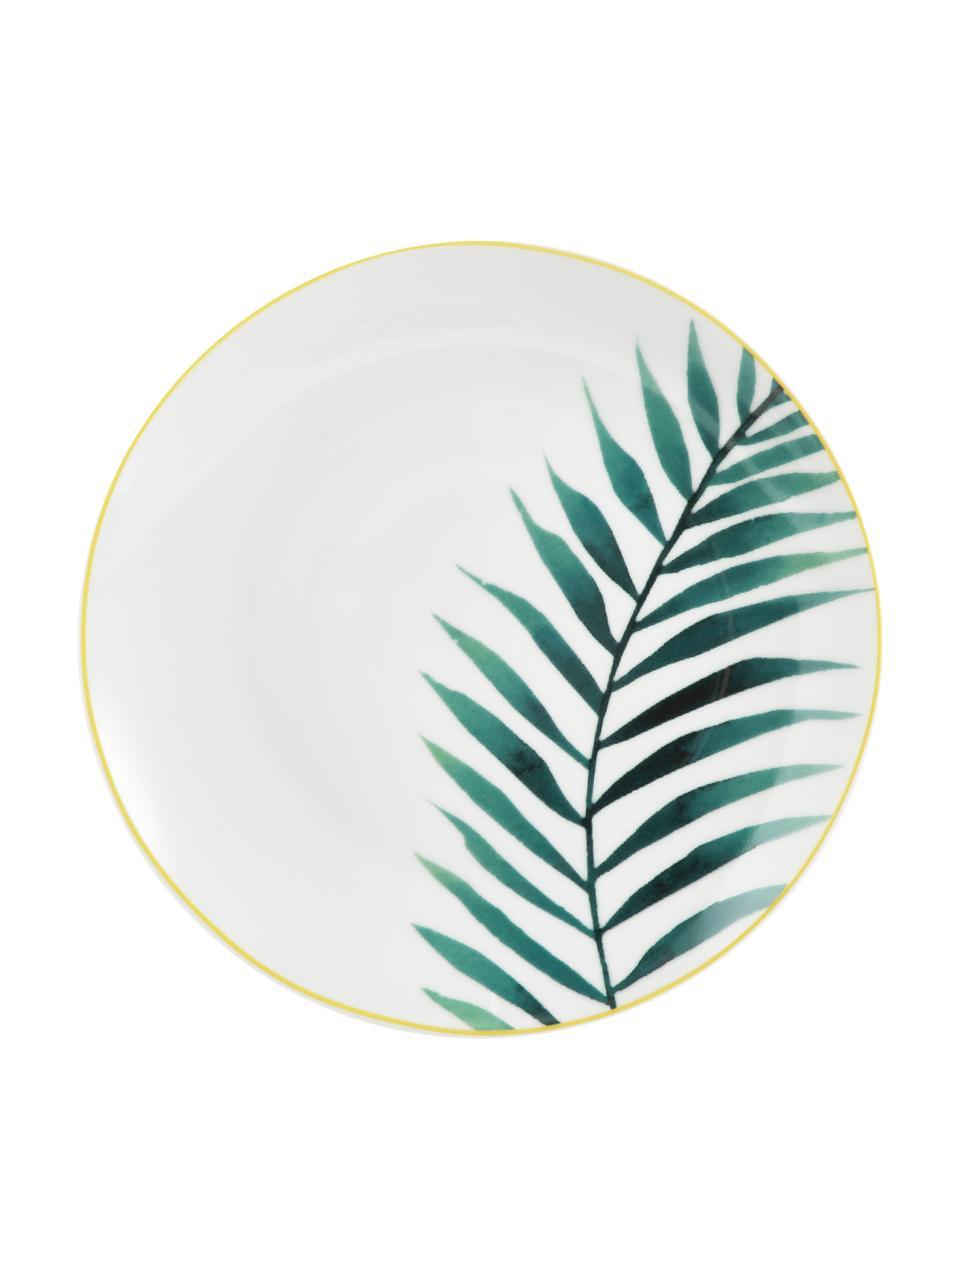 Set 18 piatti con motivo tropicale per 6 persone Urban Jungle, Verde, bianco, nero, giallo, Set in varie misure